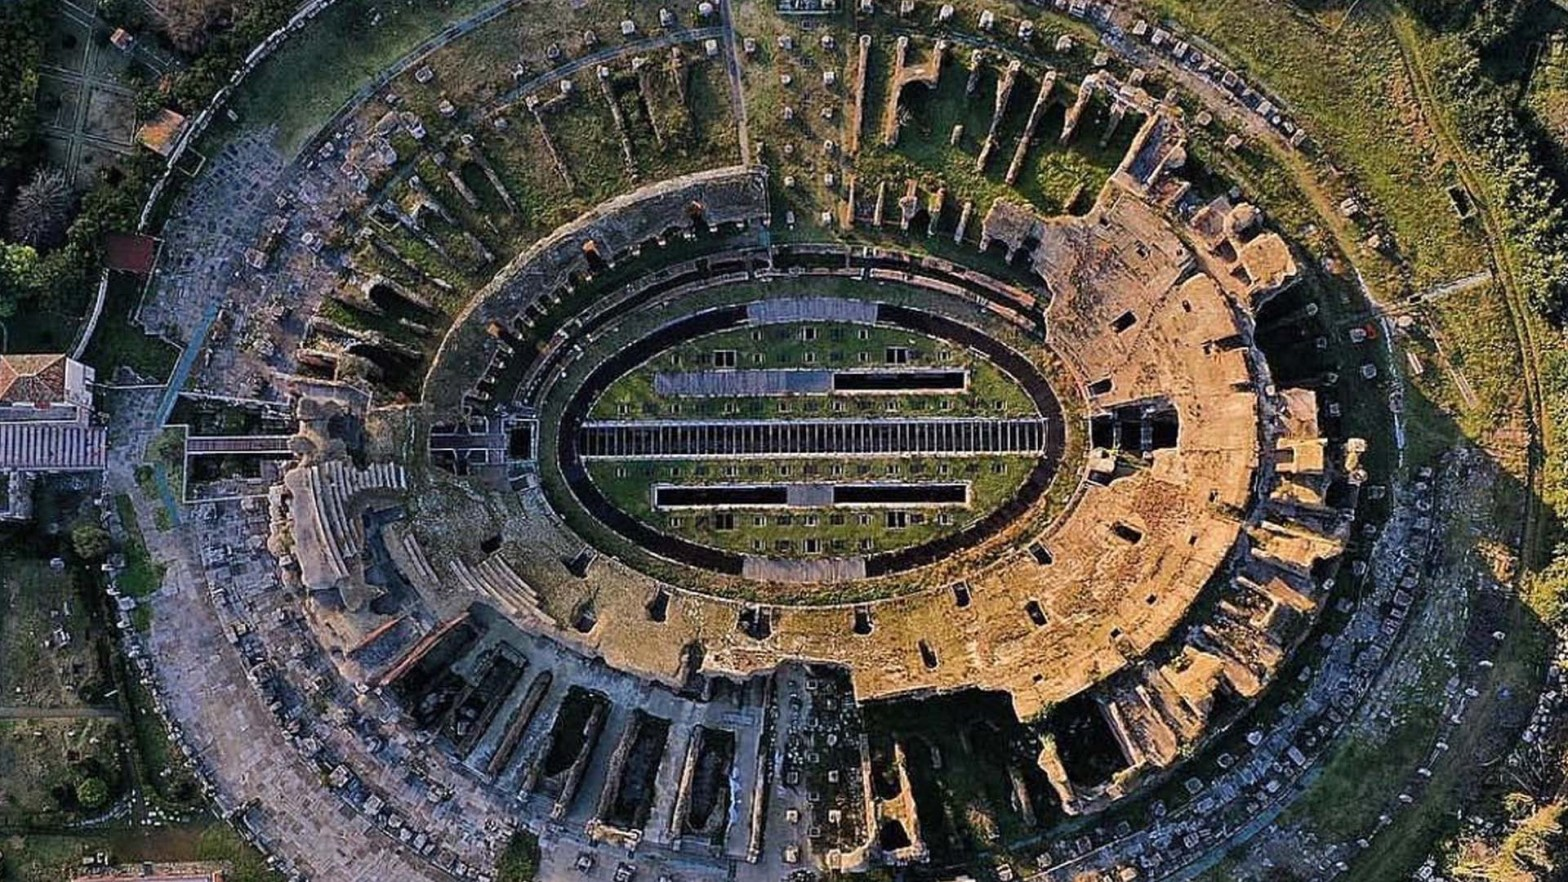 L'Anfiteatro campano di Capua, in Italia